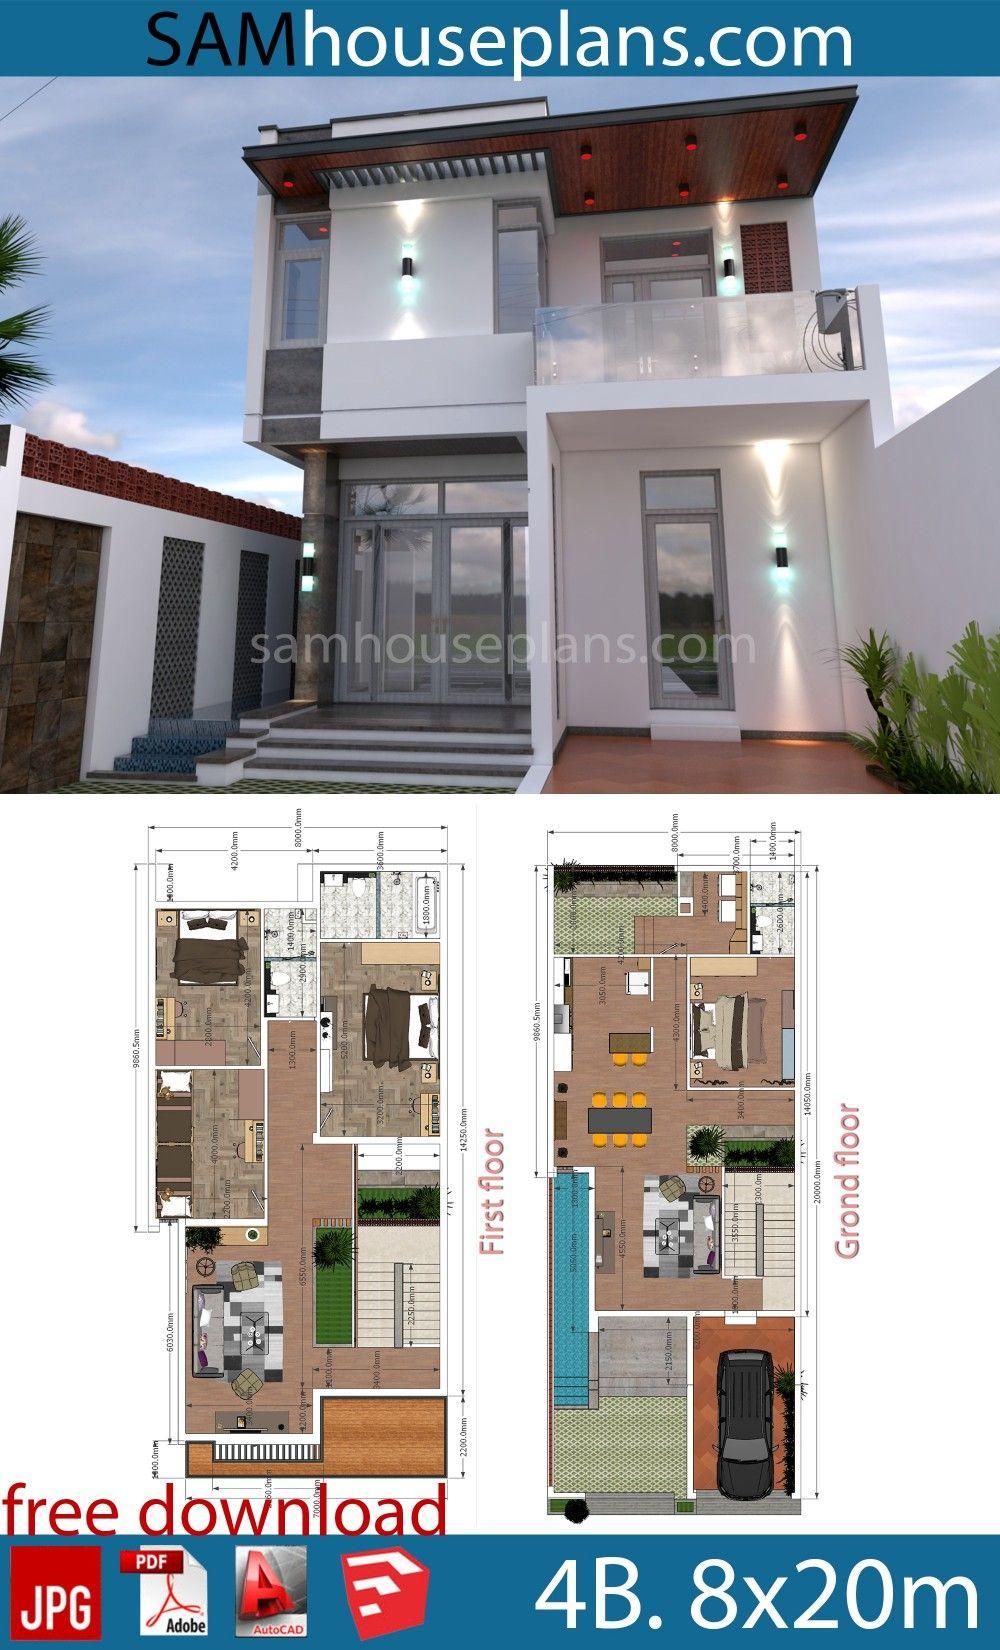 Plans De Maison 8x20m Avec Plan Complet 4 Lits Duplex House Design Architectural House Plans Two Story House Design